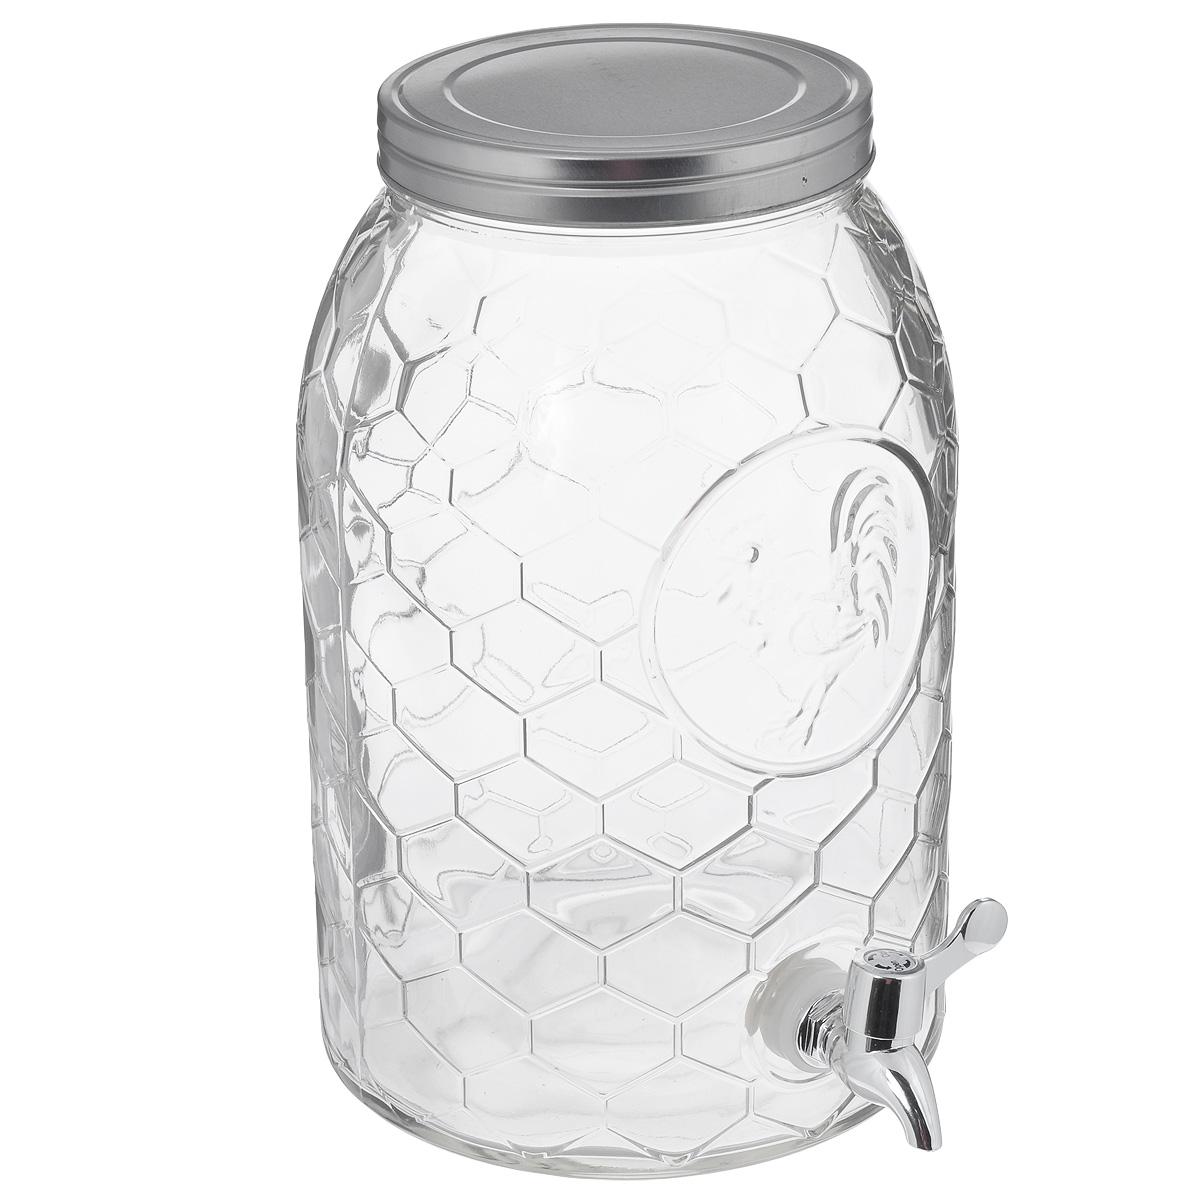 Емкость для напитков Феникс-презент, с краником, 5 л. 3775037750новинкаЕмкость для напитков Феникс-презент изготовлена из прочного стекла. Внешние стенки оформлены рельефом в виде сот и изображением петуха. Изделие снабжено металлической крышкой и пластиковым краником для удобного наливания напитков. Емкость достаточно вместительна, идеальна для воды, сока, кваса и т.д. Пригодится дома, на даче или на пикнике. Диаметр (по верхнему краю): 14 см. Высота емкости: 30 см. Диаметр основания: 19 см.